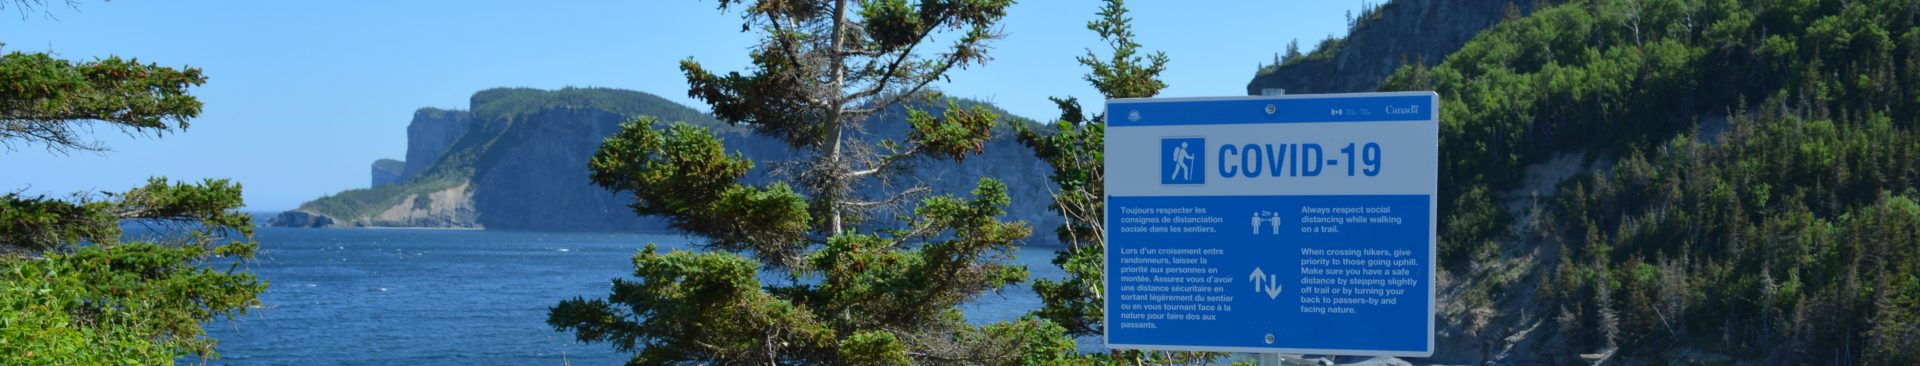 Ouvert ou fermé, dans le parc national Forillon?